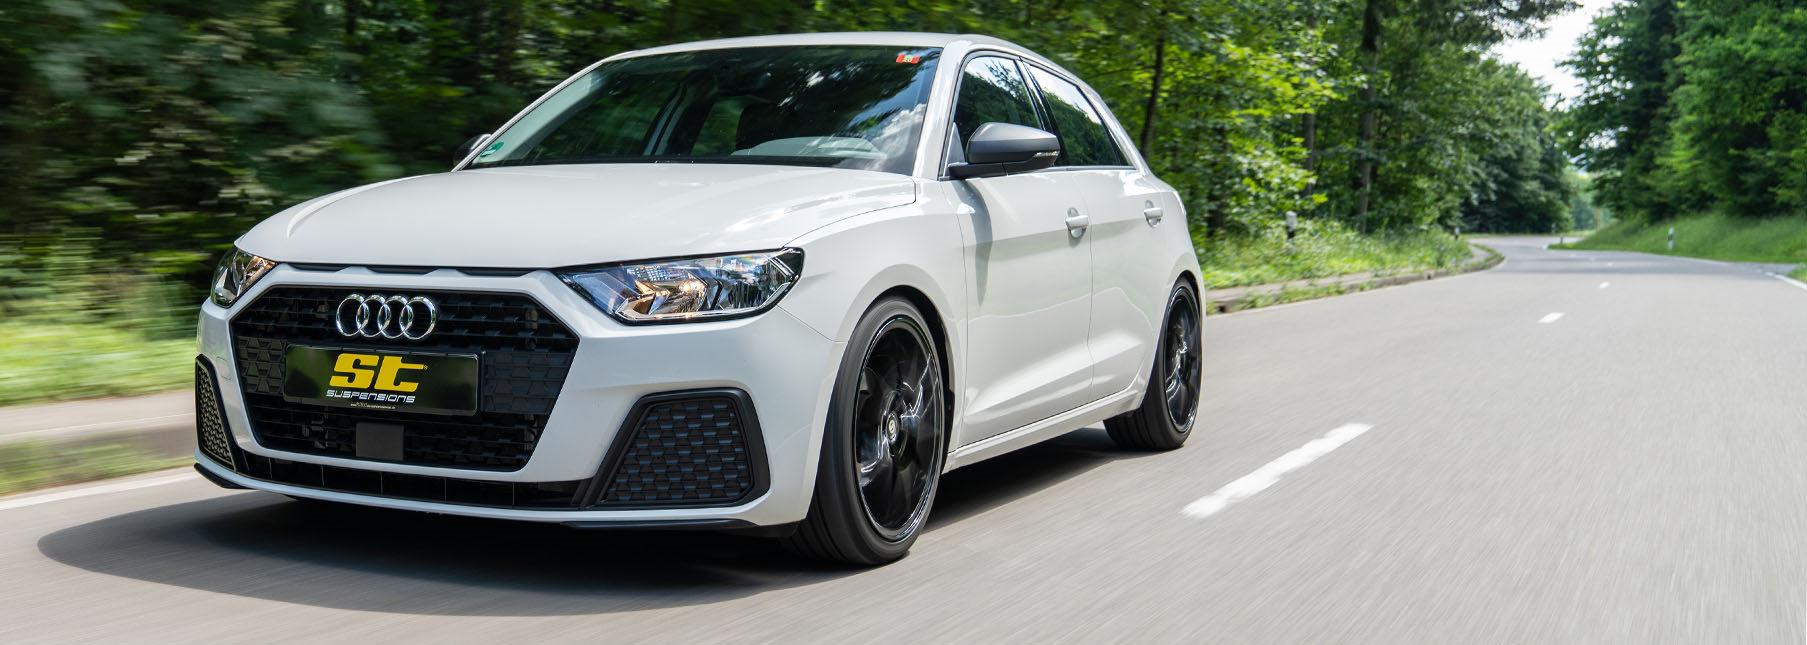 Für den Kleinwagen Audi A1 Typ GB sind ab sofort die ST Gewindefedern erhältlich.